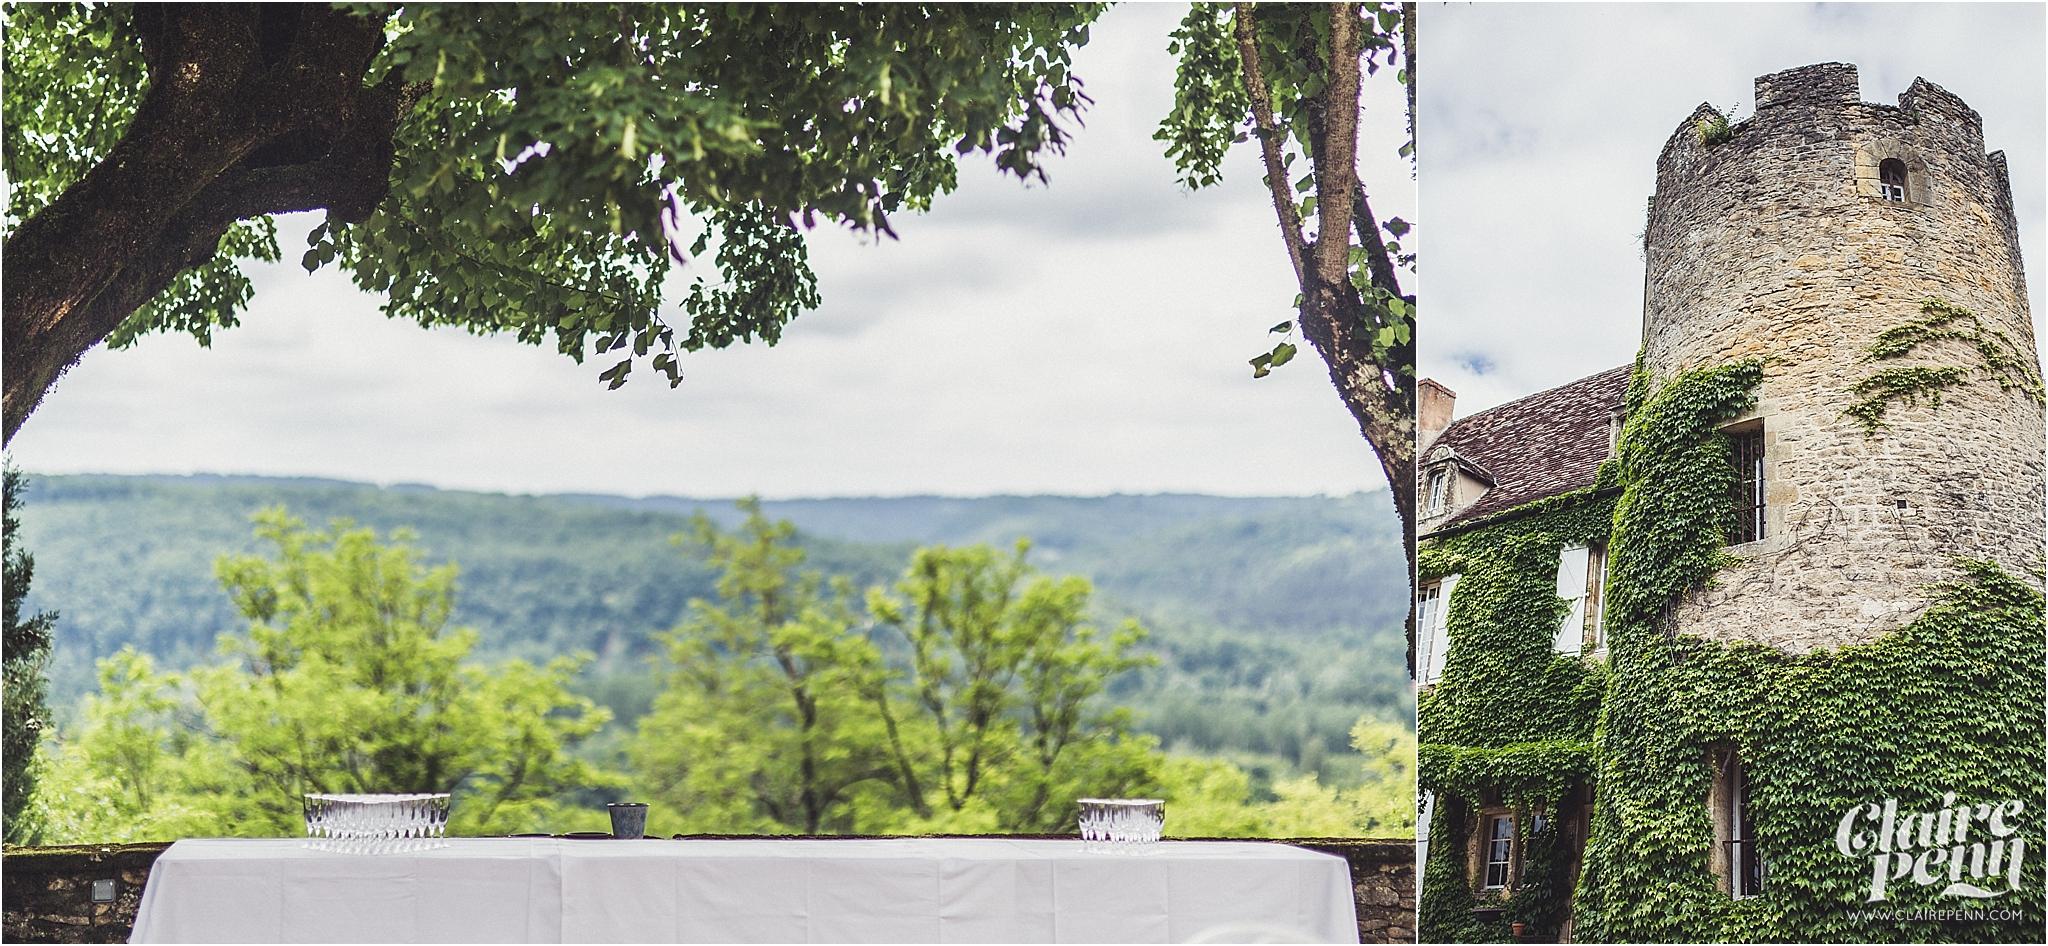 Fairytale Chateau wedding Dordogne 00002.jpg